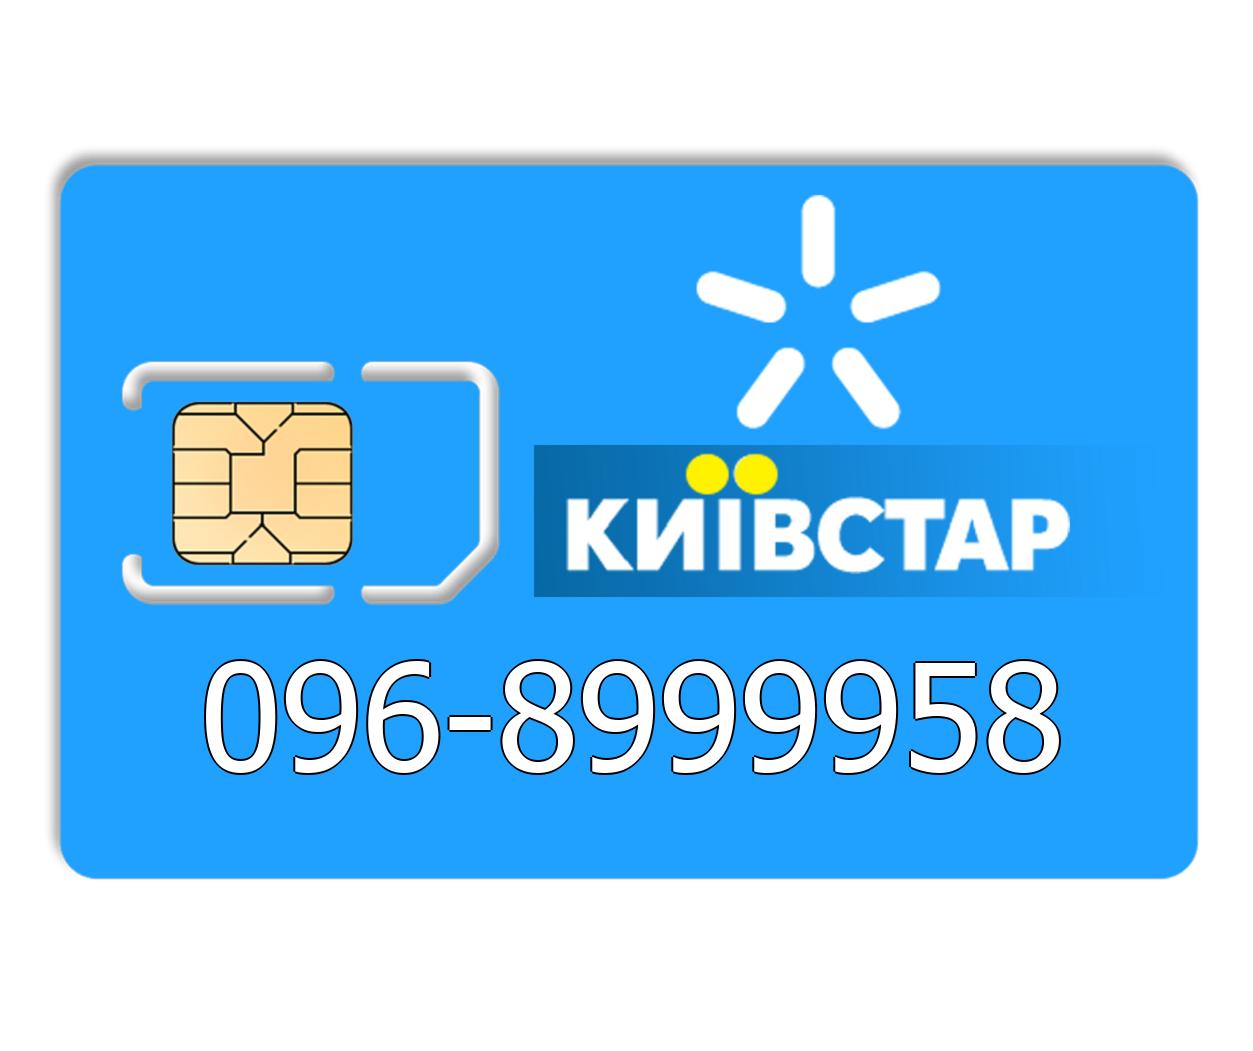 Красивый номер Киевстар 096-8999958